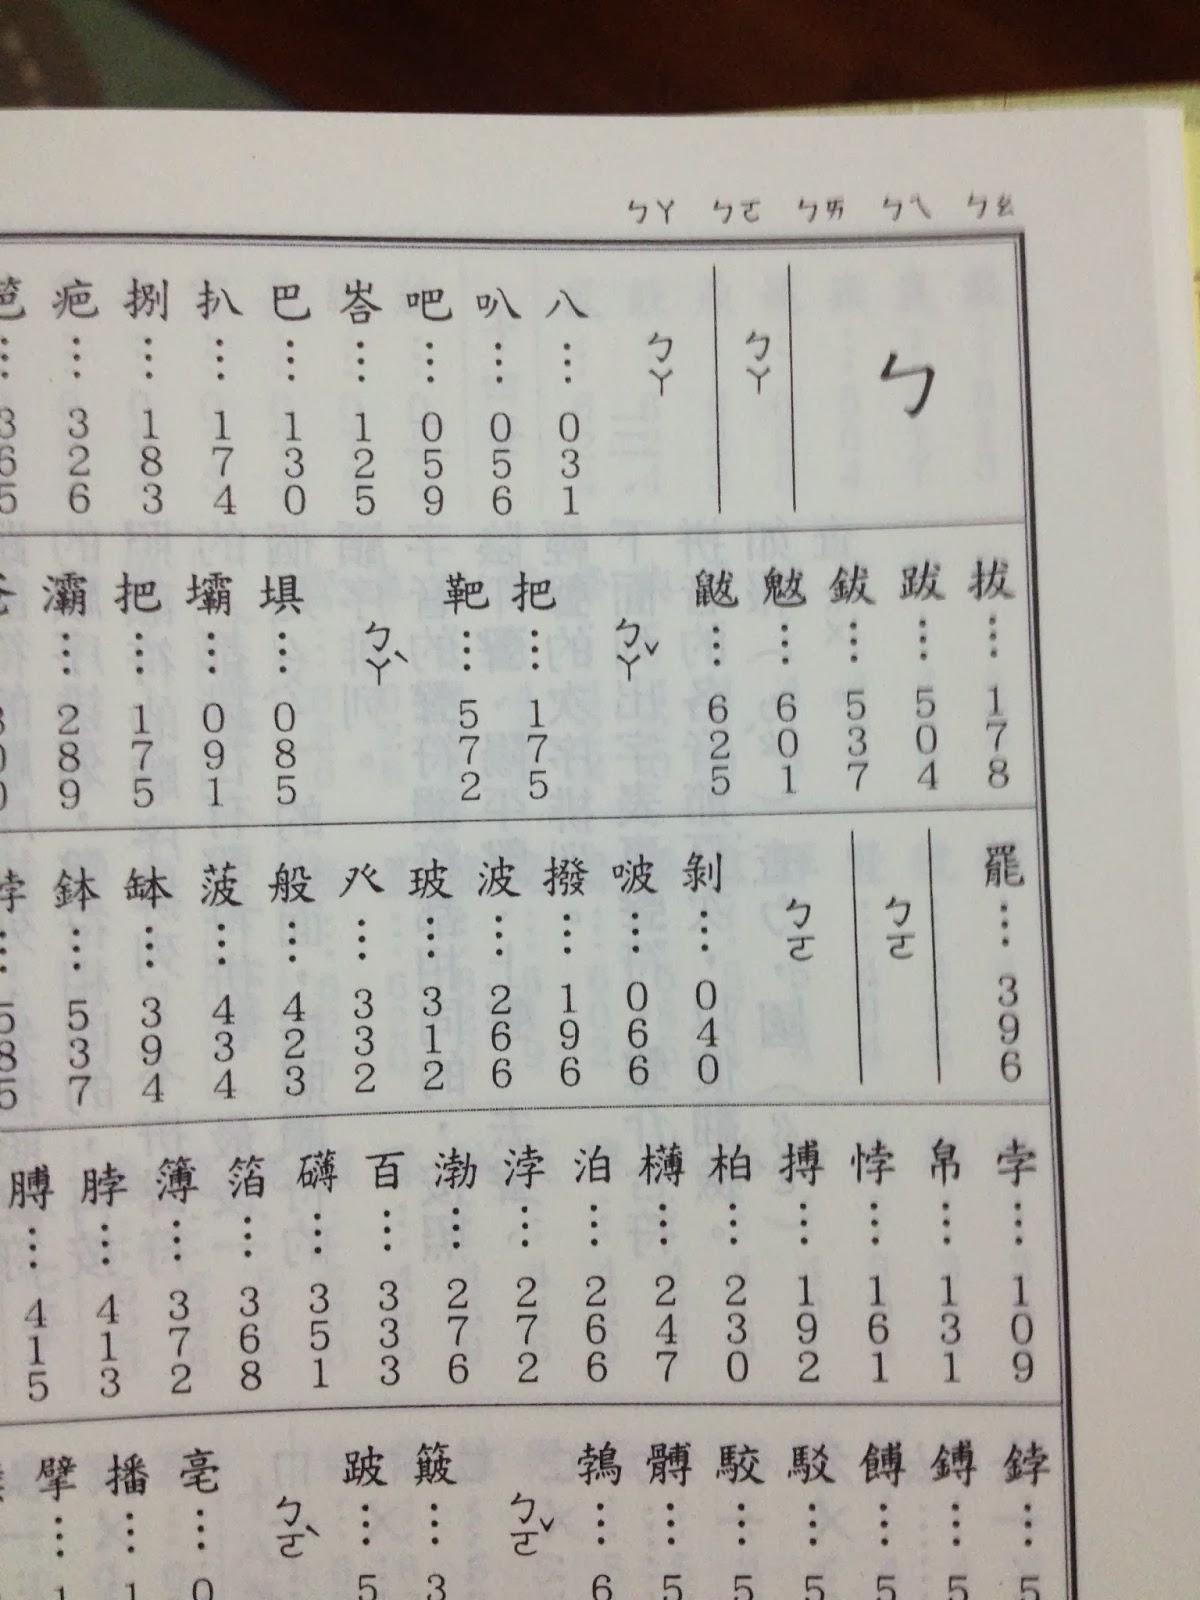 國語 日報 線上 版